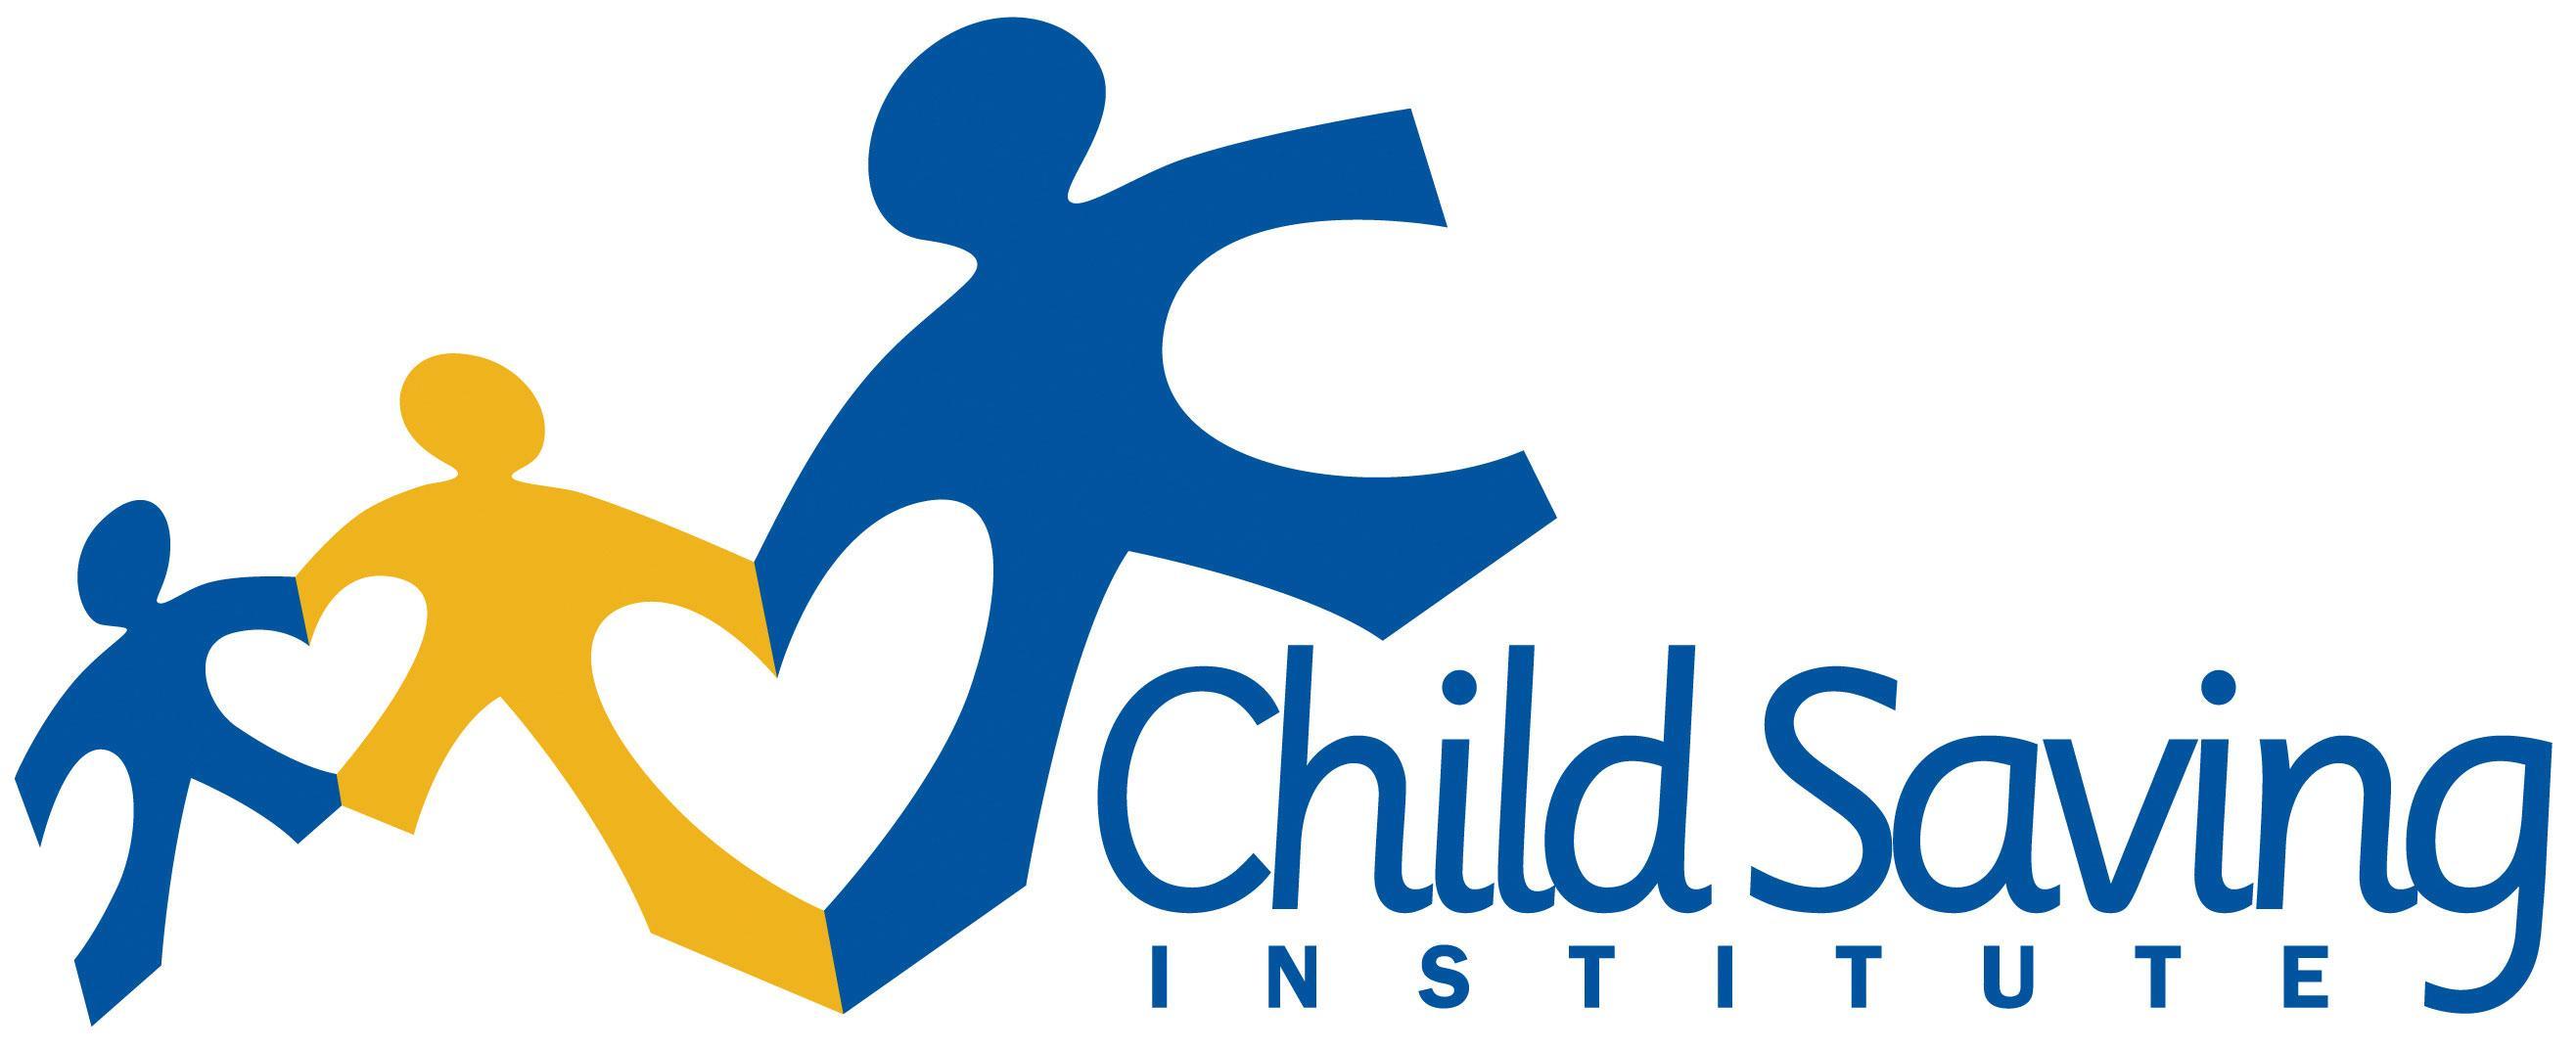 Child Saving Institute